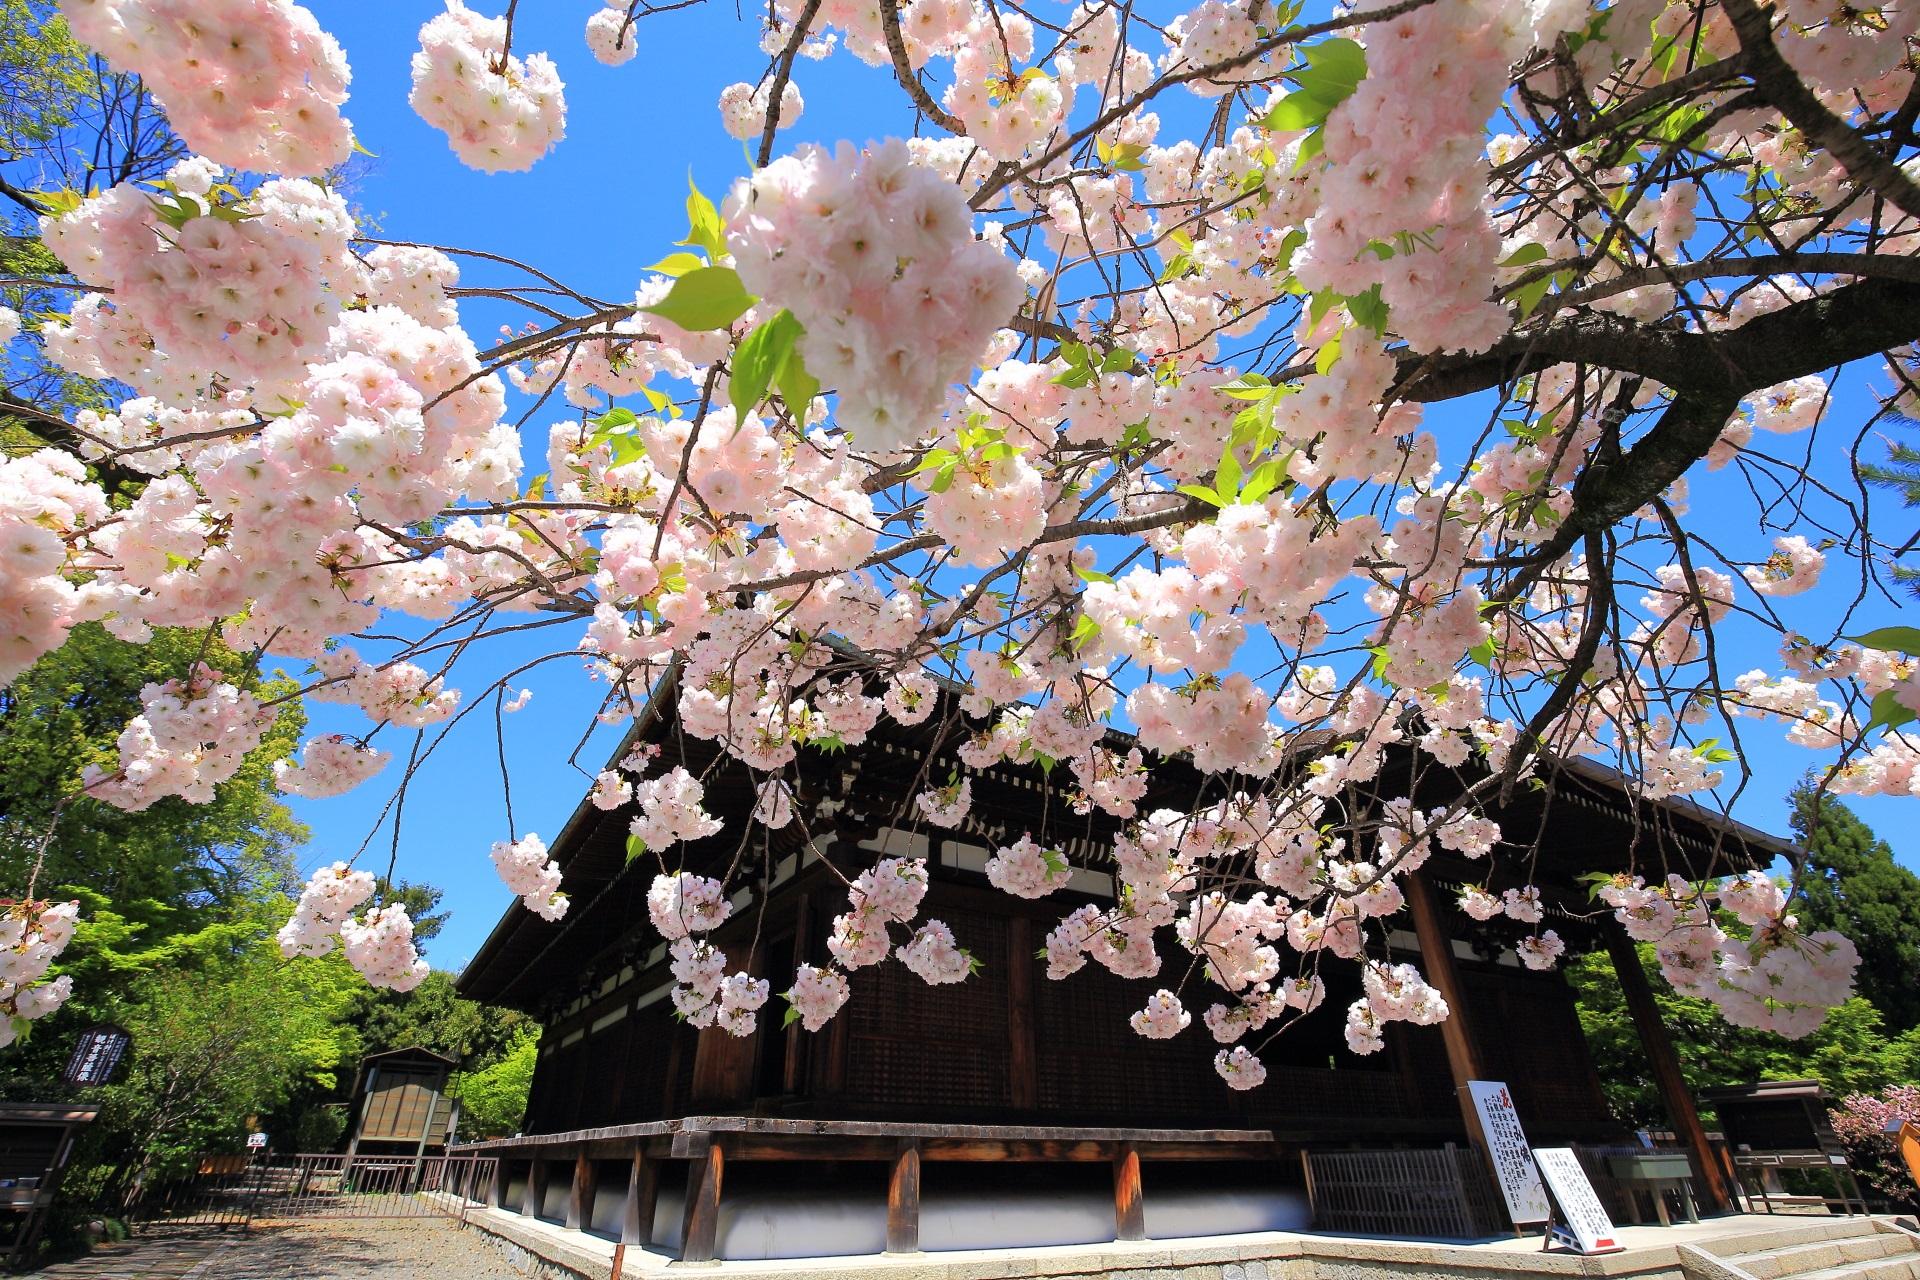 千本釈迦堂 八重桜 遅咲きの絵になる桜